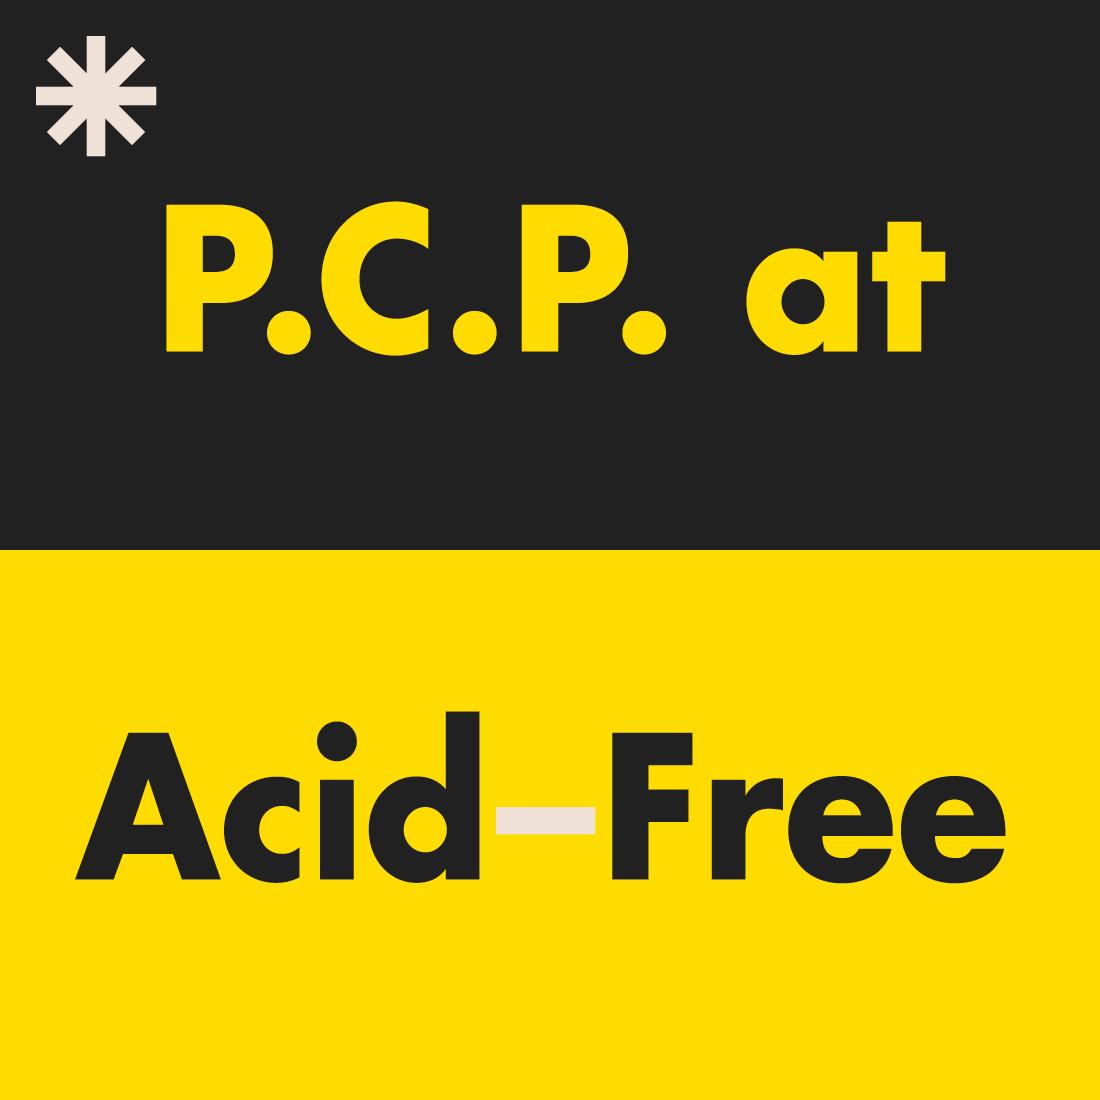 PCP at Acid-Free.